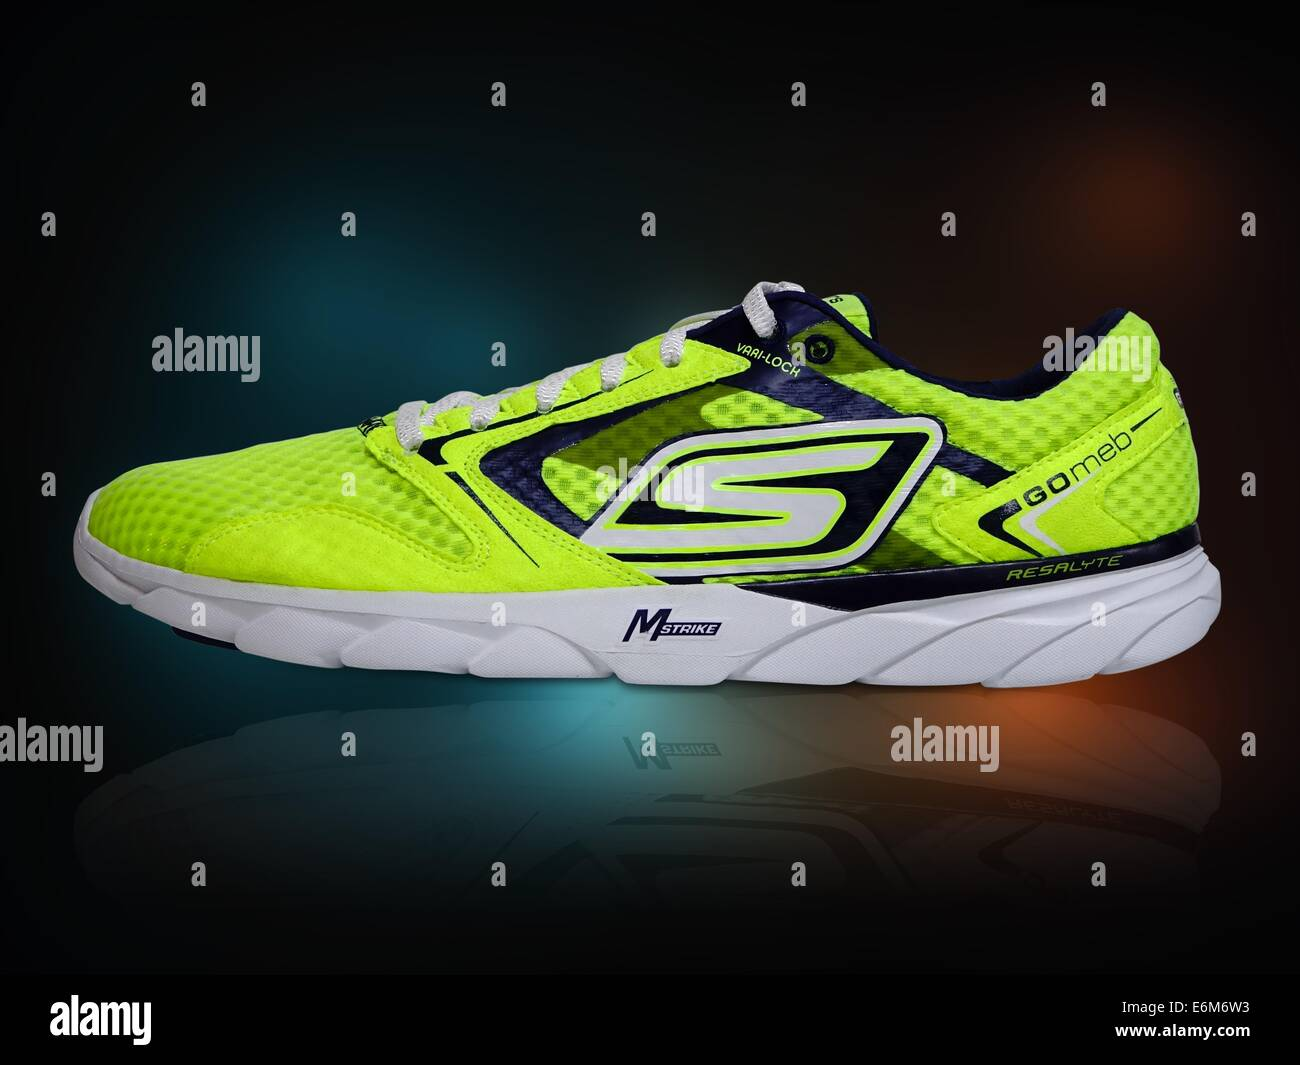 running shoe luminous bright yellow shoe - Stock Image